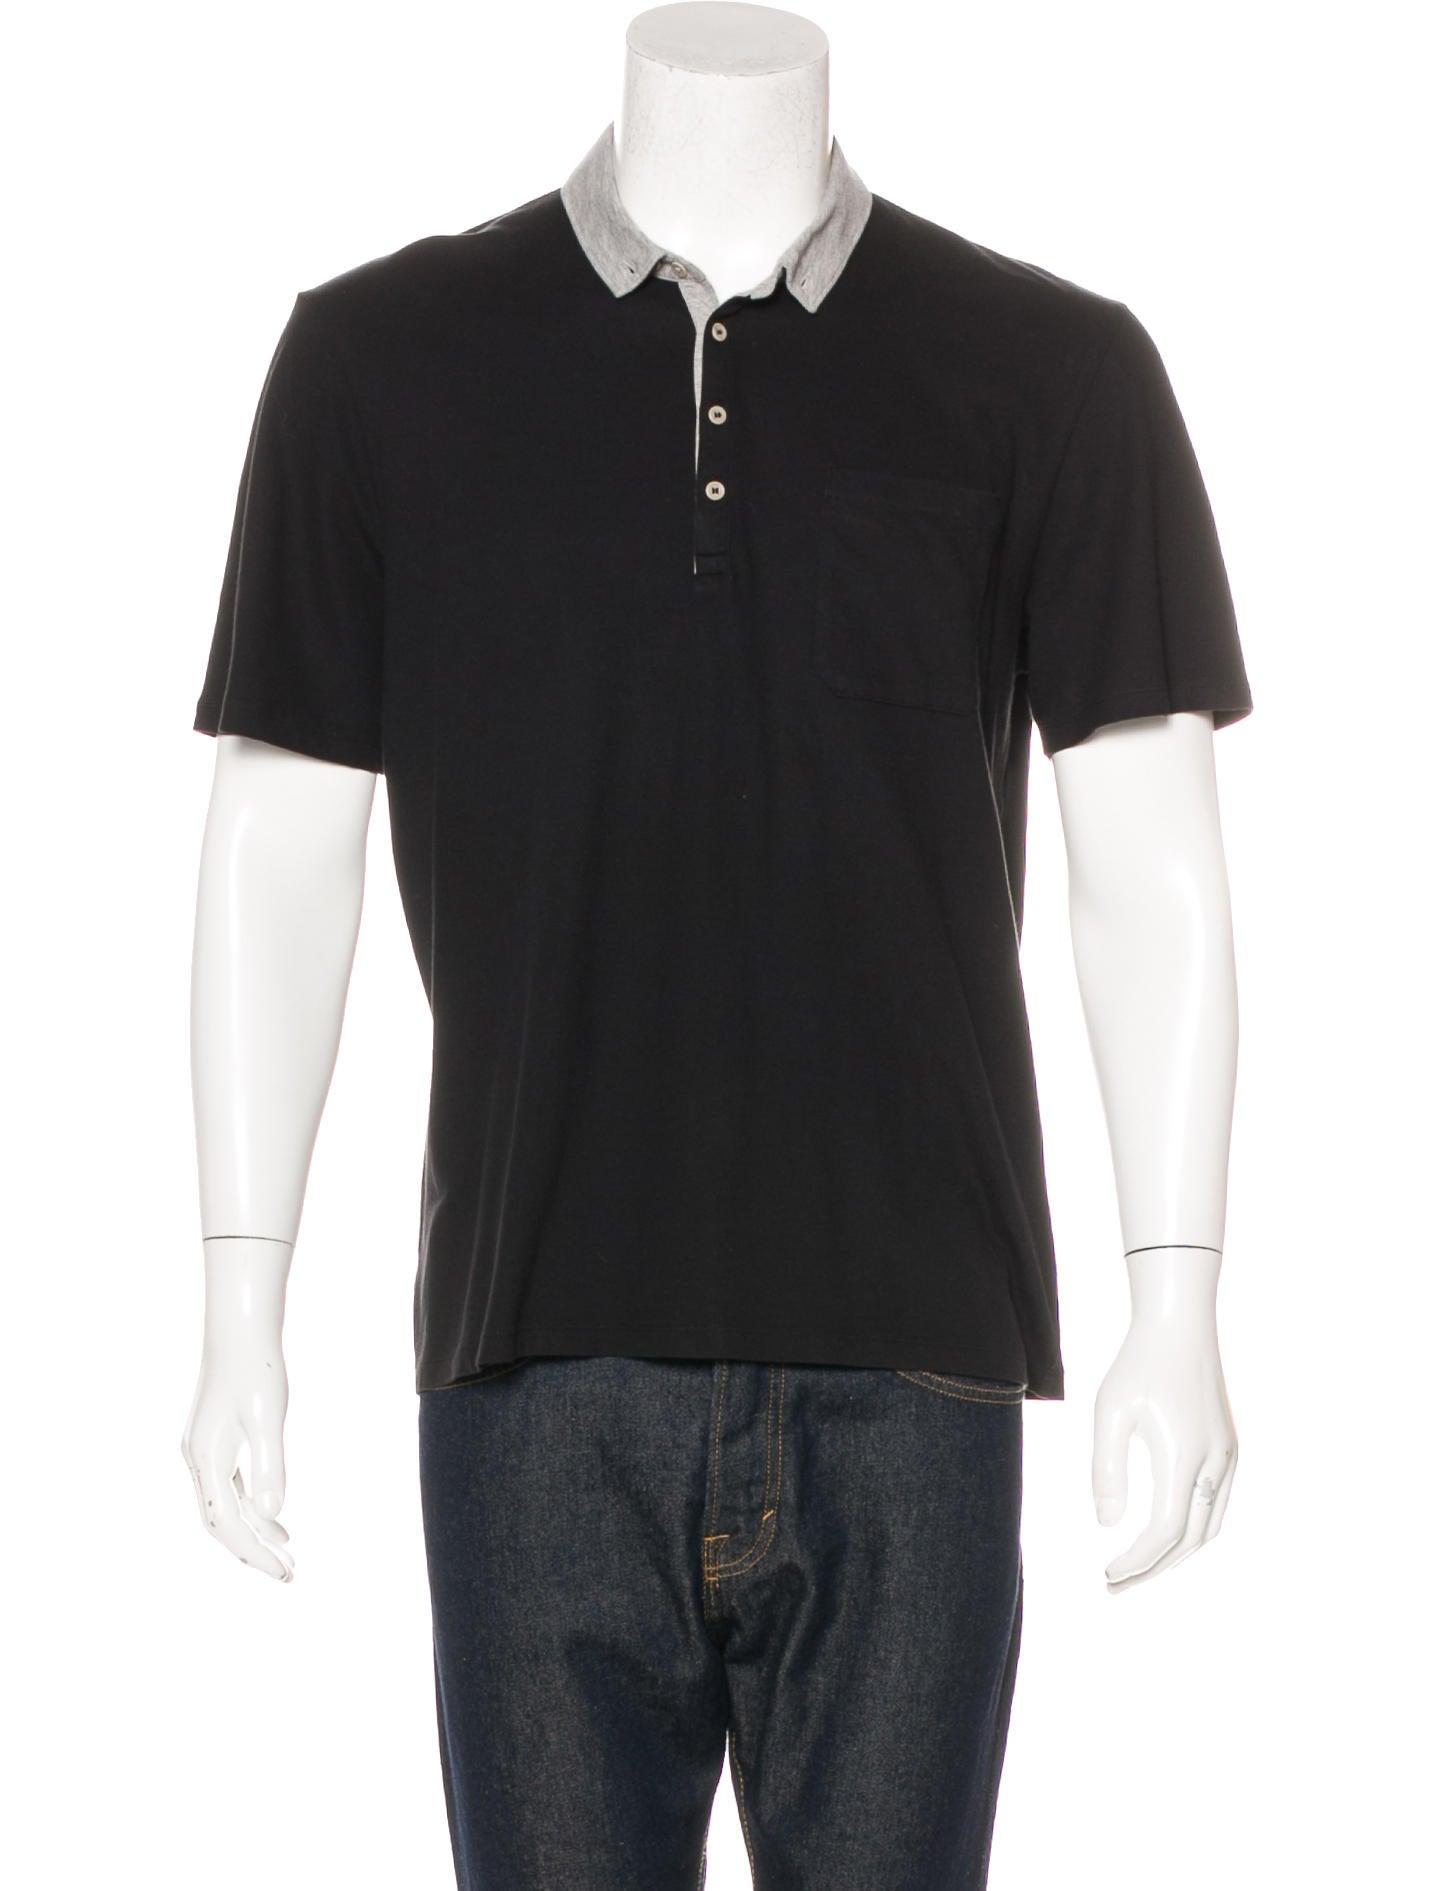 Hugo boss polo shirt clothing hug20143 the realreal for Hugo boss shirt dress